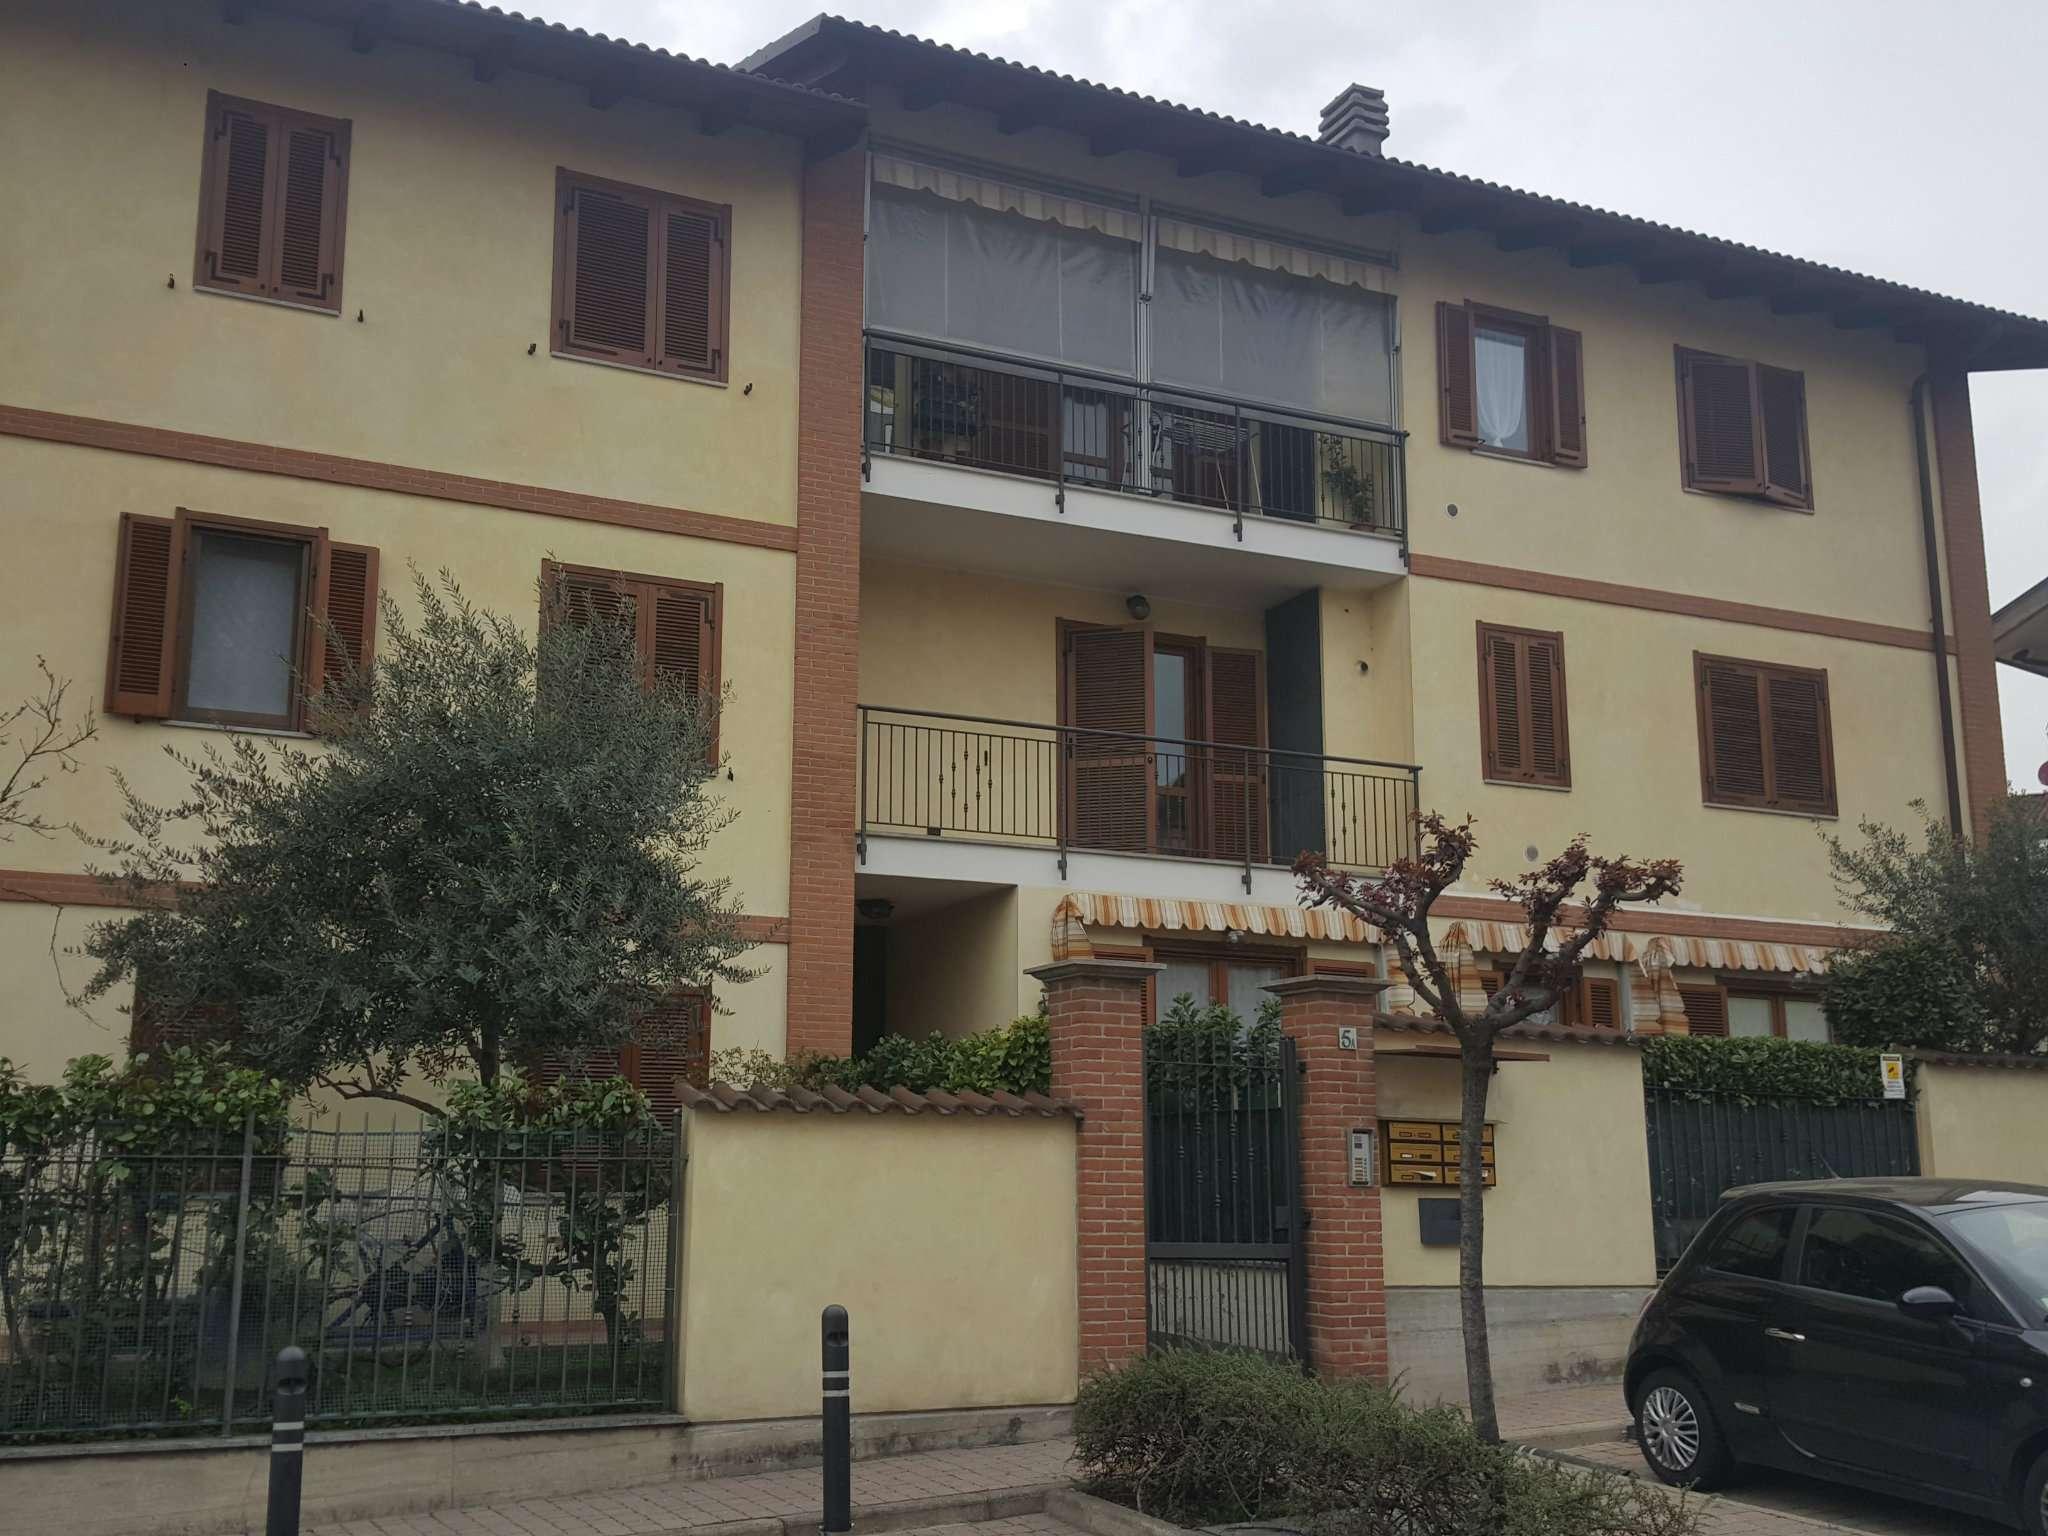 Appartamento in affitto a Beinasco, 2 locali, prezzo € 450 | CambioCasa.it